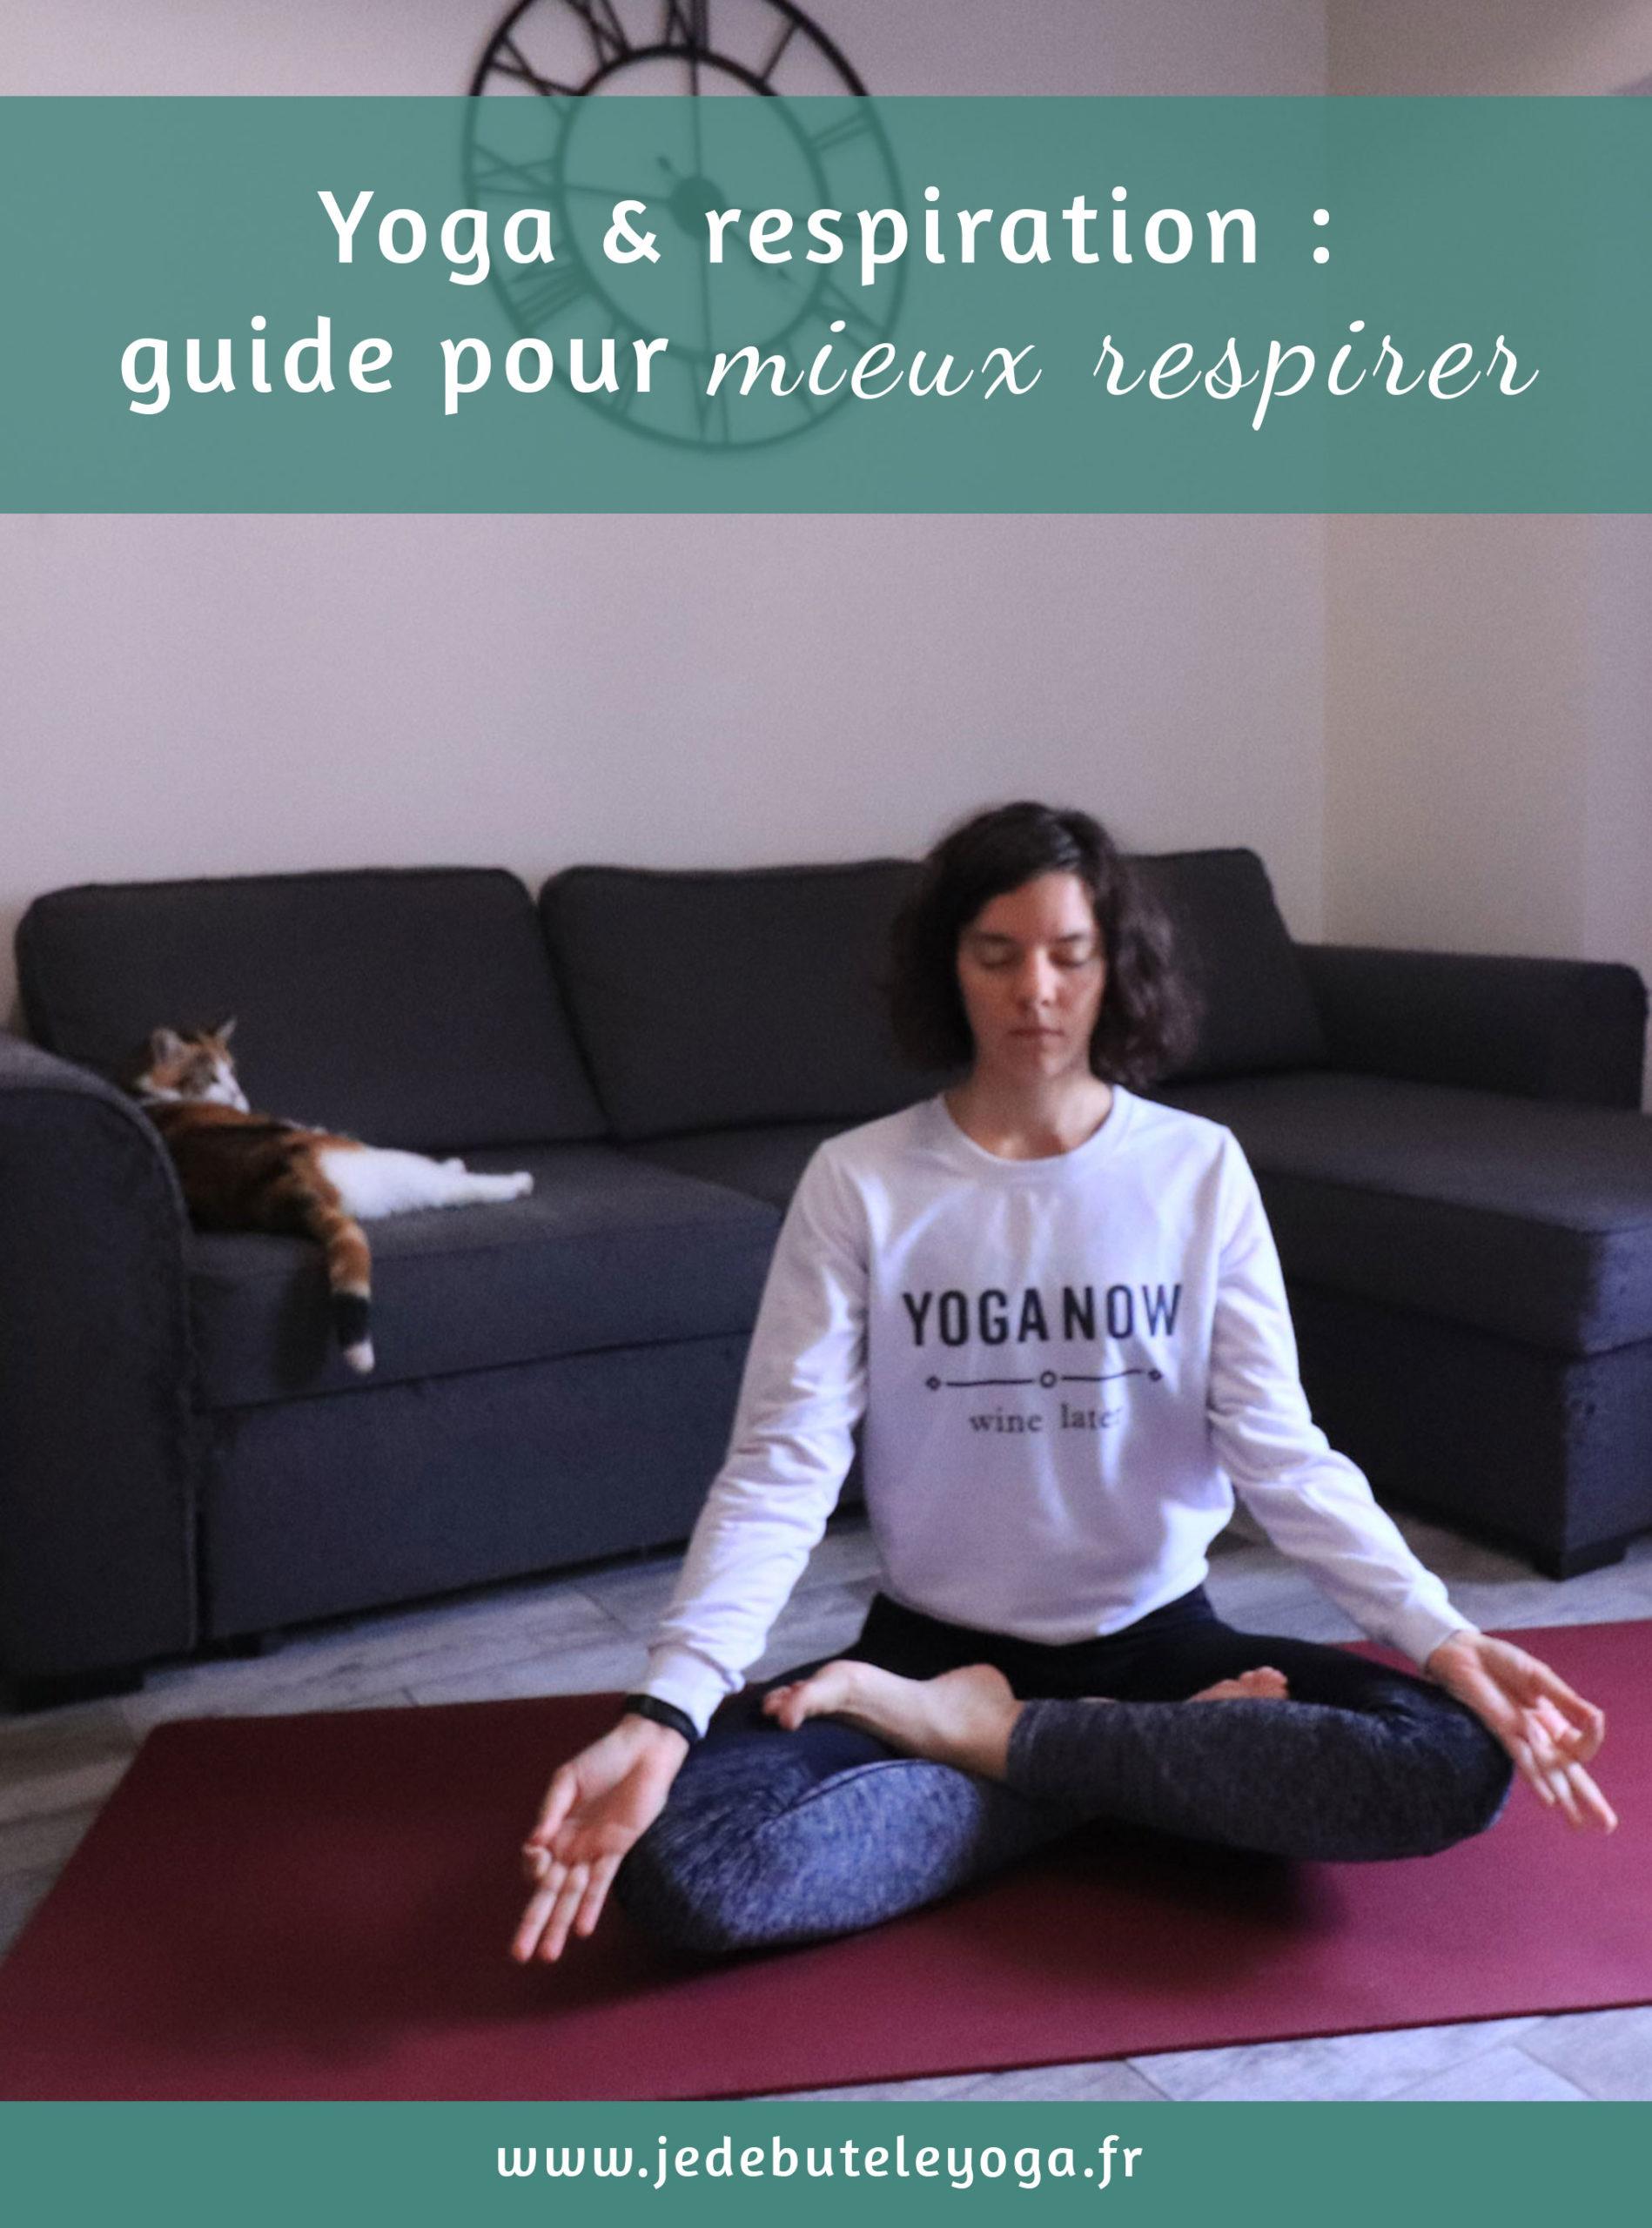 guide pour mieux respiration yoga et pranayama